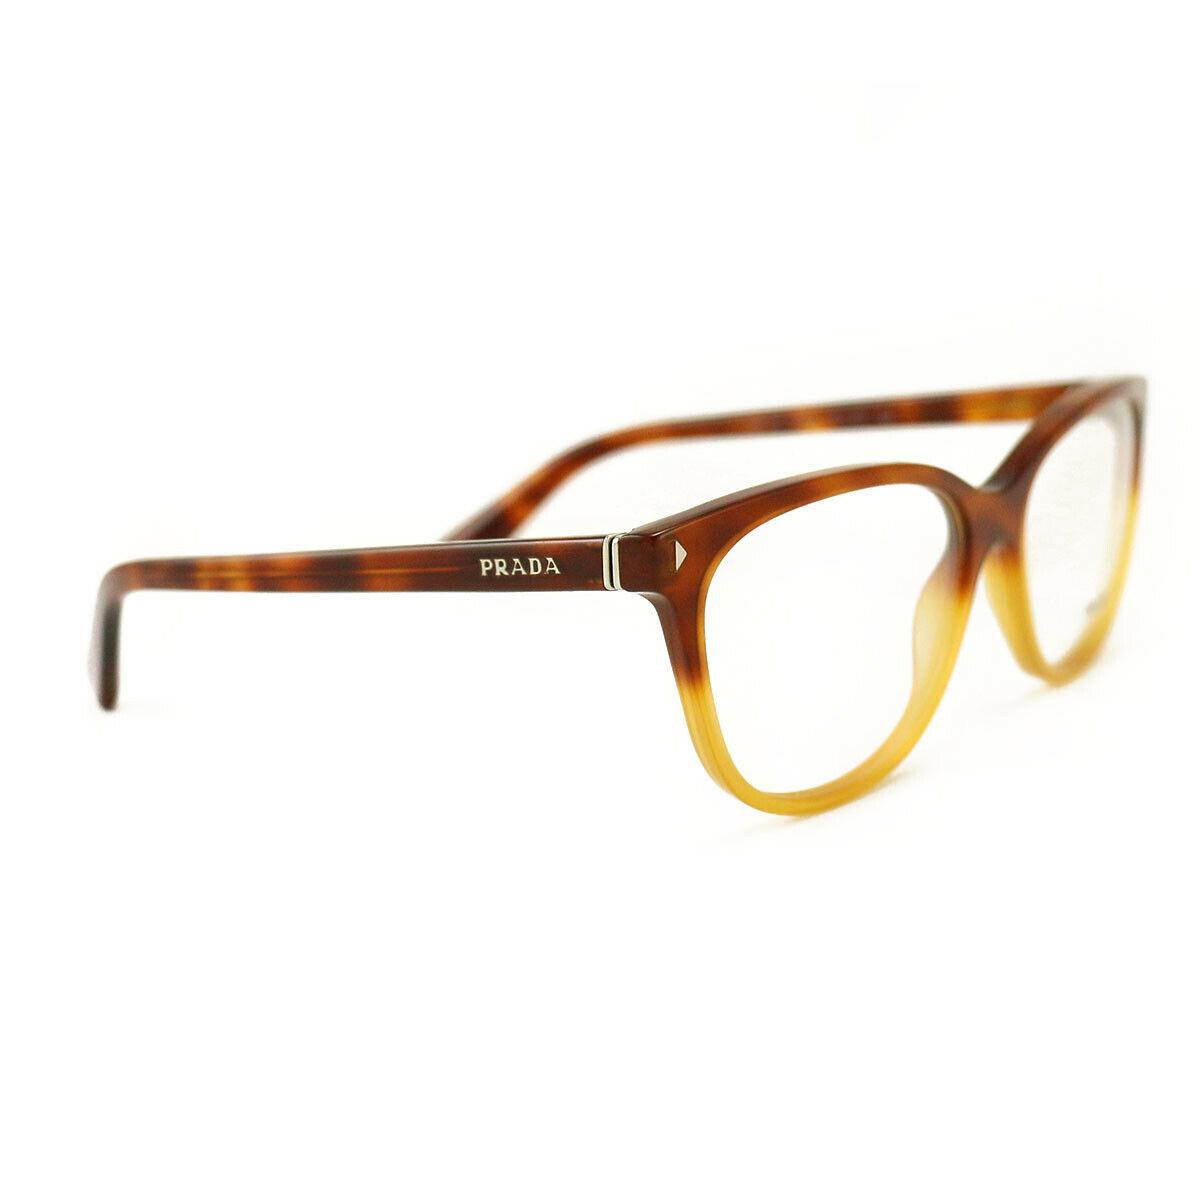 New Prada Eyeglasses VPR 14R TKU 101 Blonde Havana Acetate 54 16 140 Authentic